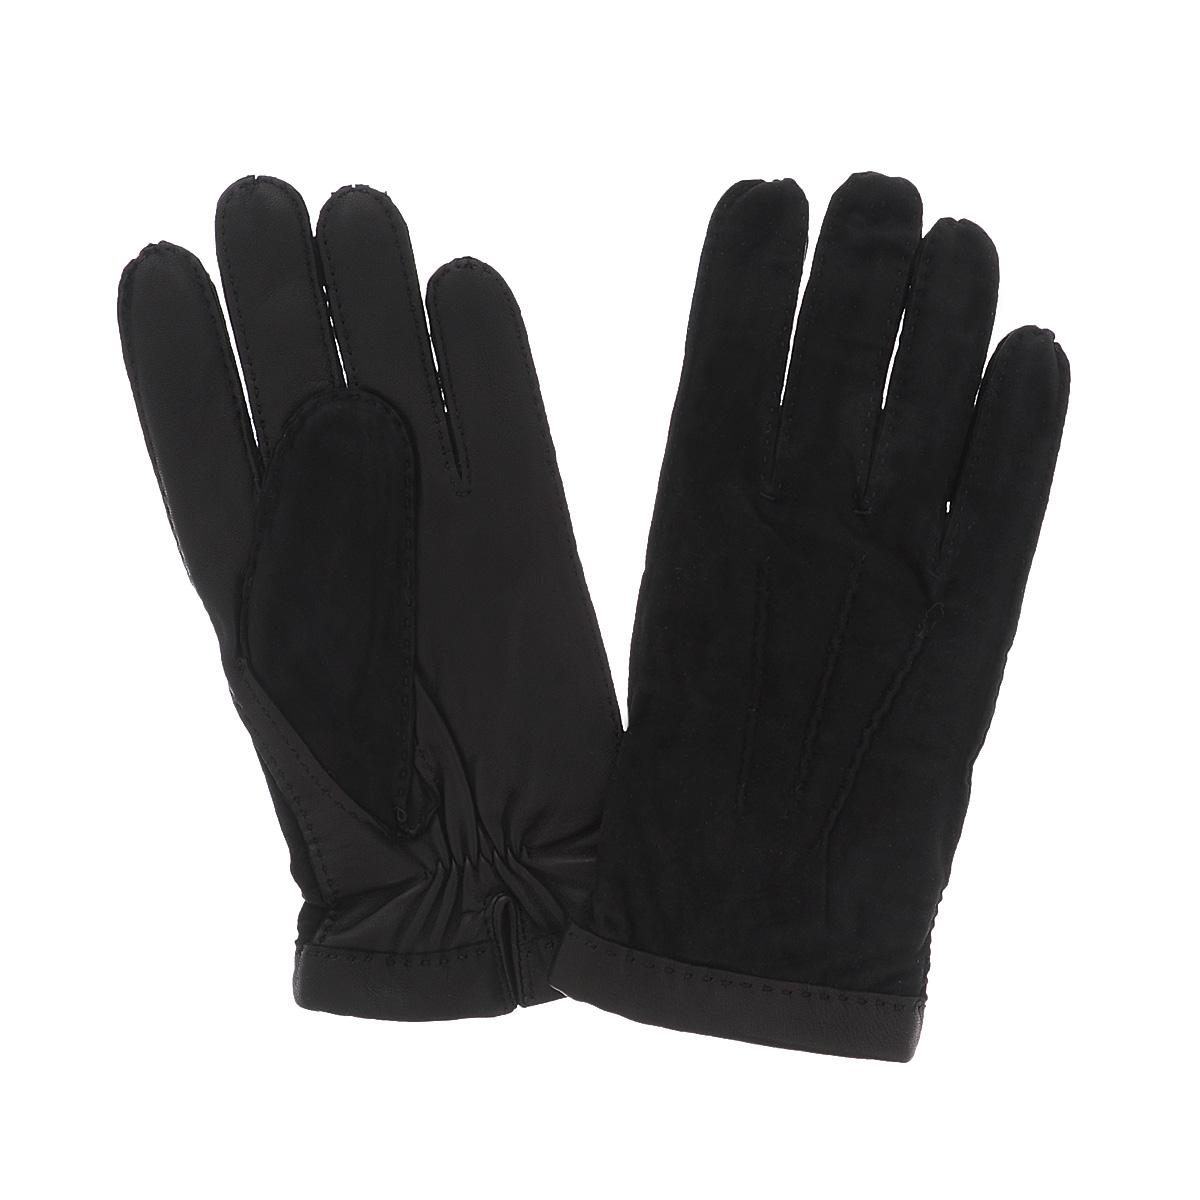 Перчатки мужские Dali Exclusive, цвет: черный. SL16_BERLIN/BL. Размер 9,5SL16_BERLIN/BLСтильные мужские перчатки Dali Exclusive не только защитят ваши руки, но и станут великолепным украшением. Лицевая сторона перчаток выполнена из чрезвычайно мягкой и приятной на ощупь натуральной замши, оборотная - из кожи ягненка, а их подкладка - из шерсти. Перчатки оформлены декоративными стежками. Манжеты под большим пальцем собраны на резинку. Модель благодаря своему лаконичному исполнению прекрасно дополнит образ любого мужчины и сделает его более стильным, придав тонкую нотку брутальности. Создайте элегантный образ и подчеркните свою яркую индивидуальность новым аксессуаром!